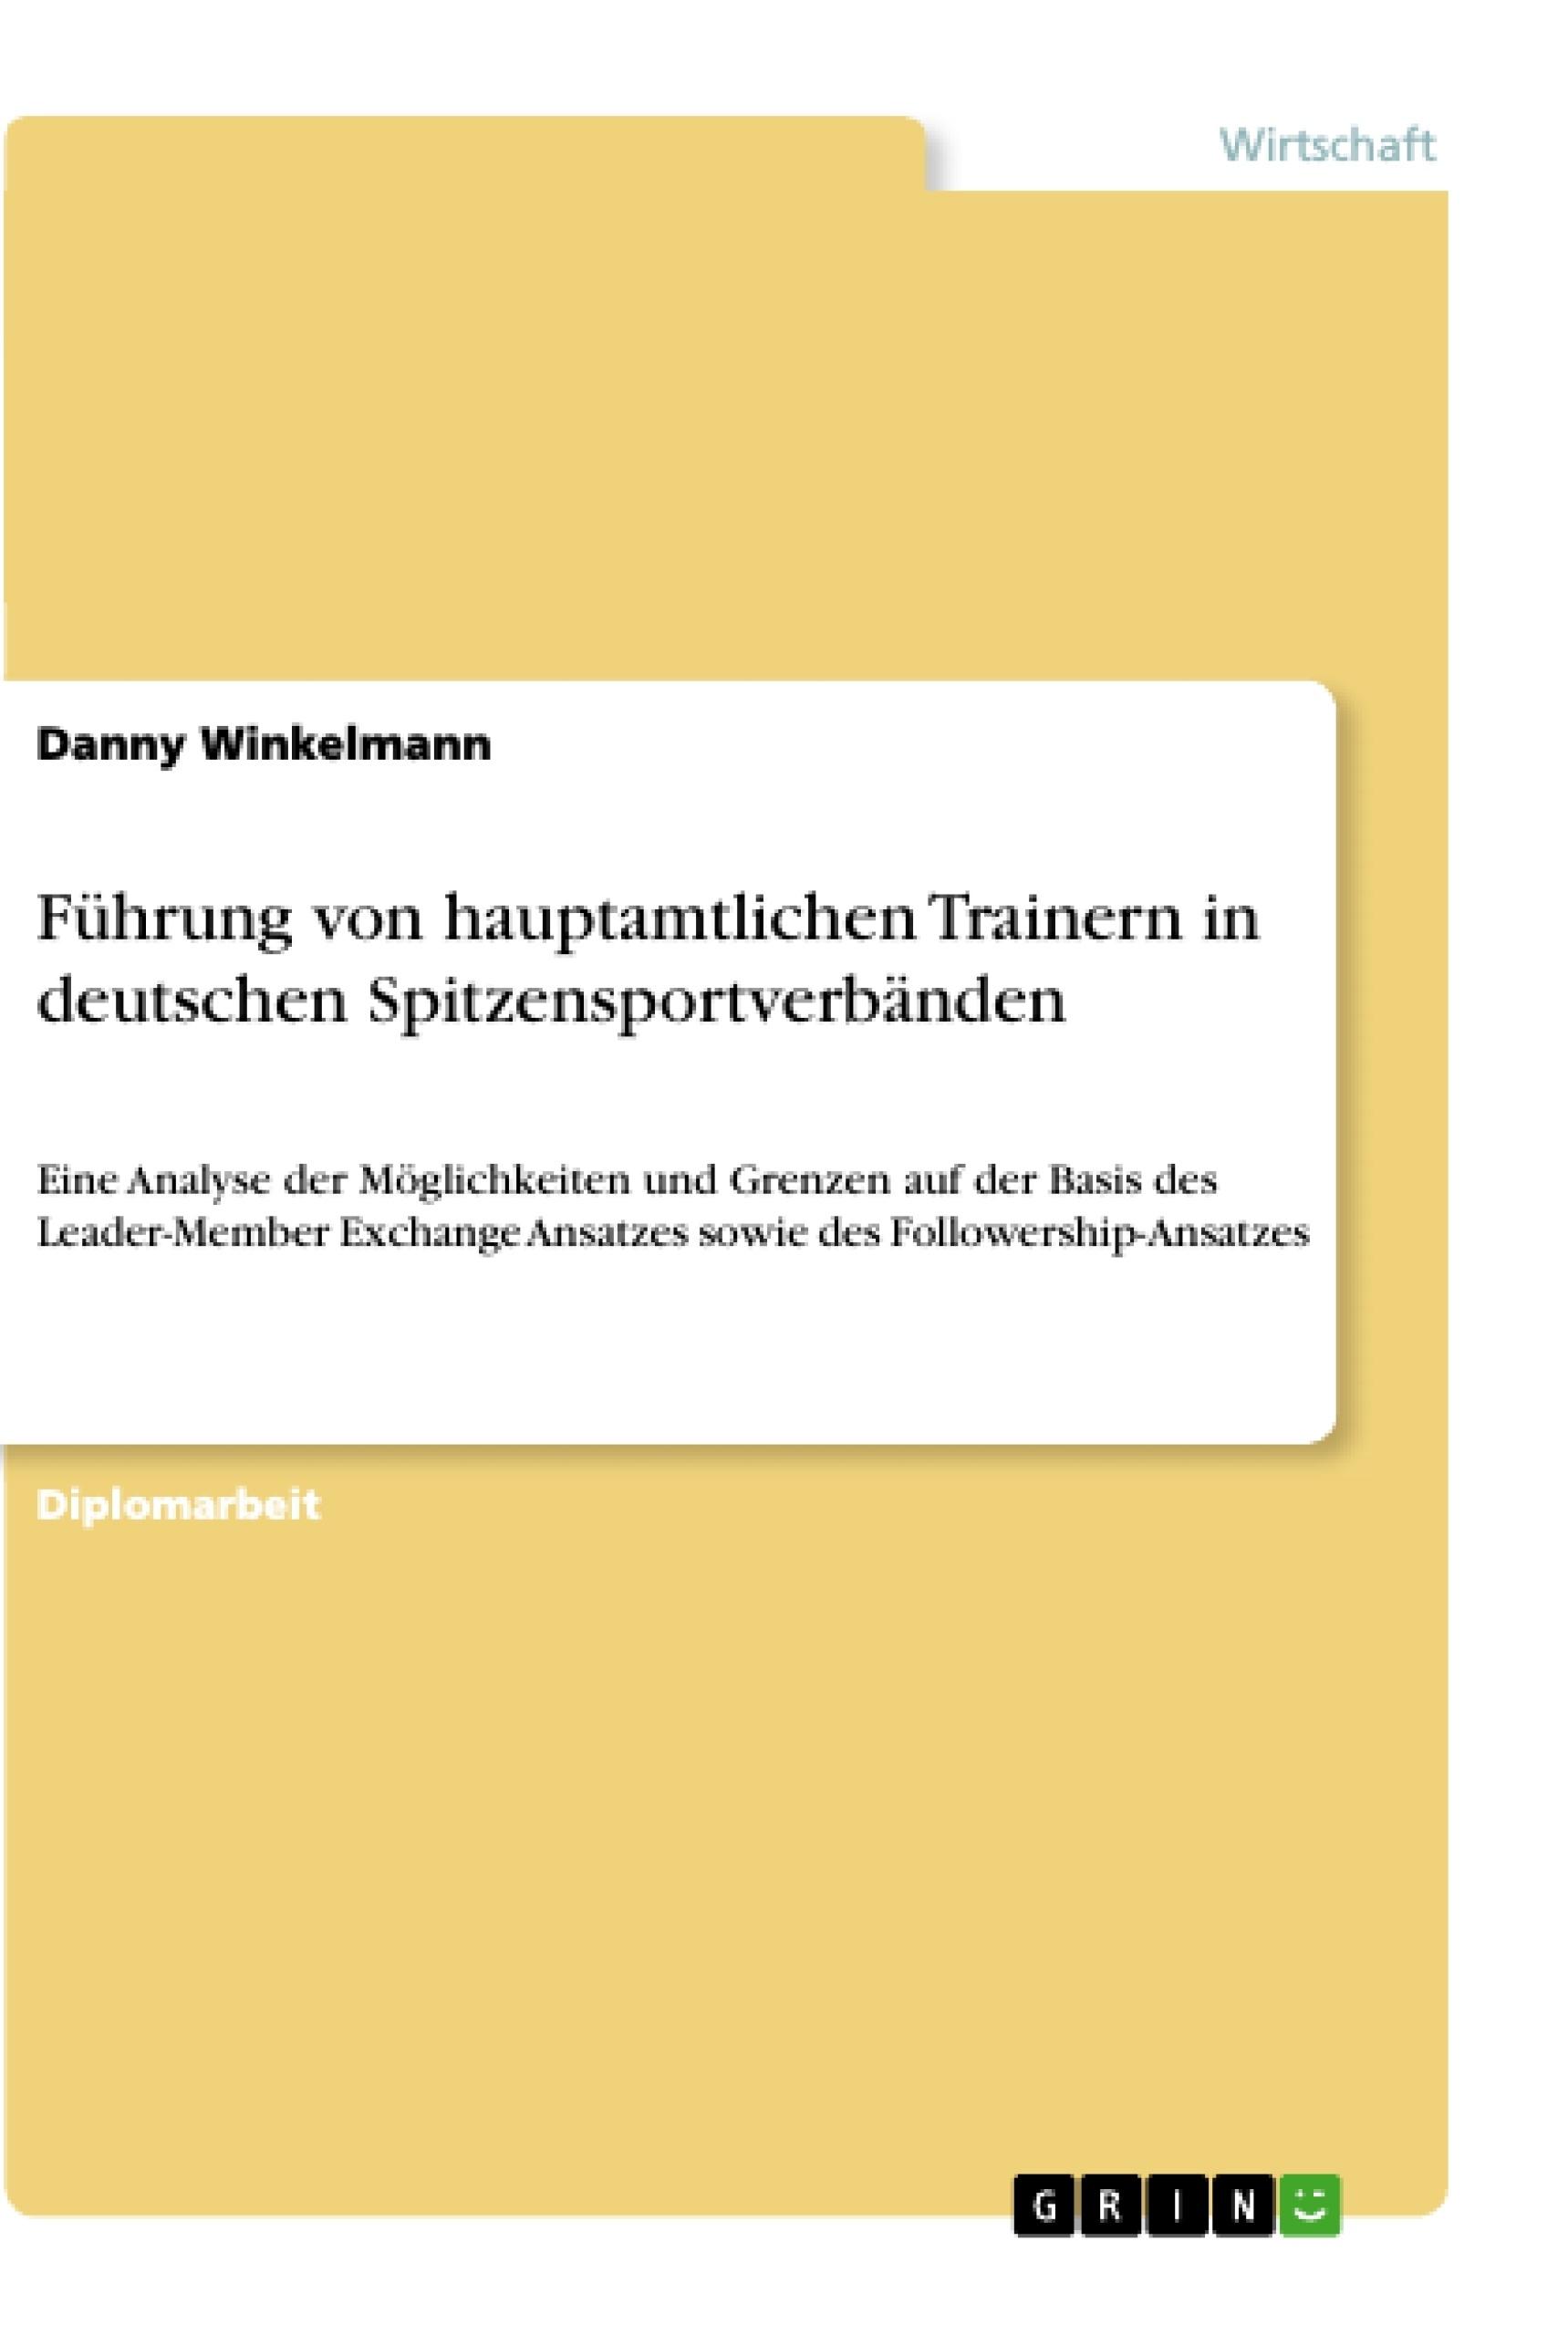 Titel: Führung von hauptamtlichen Trainern in deutschen Spitzensportverbänden